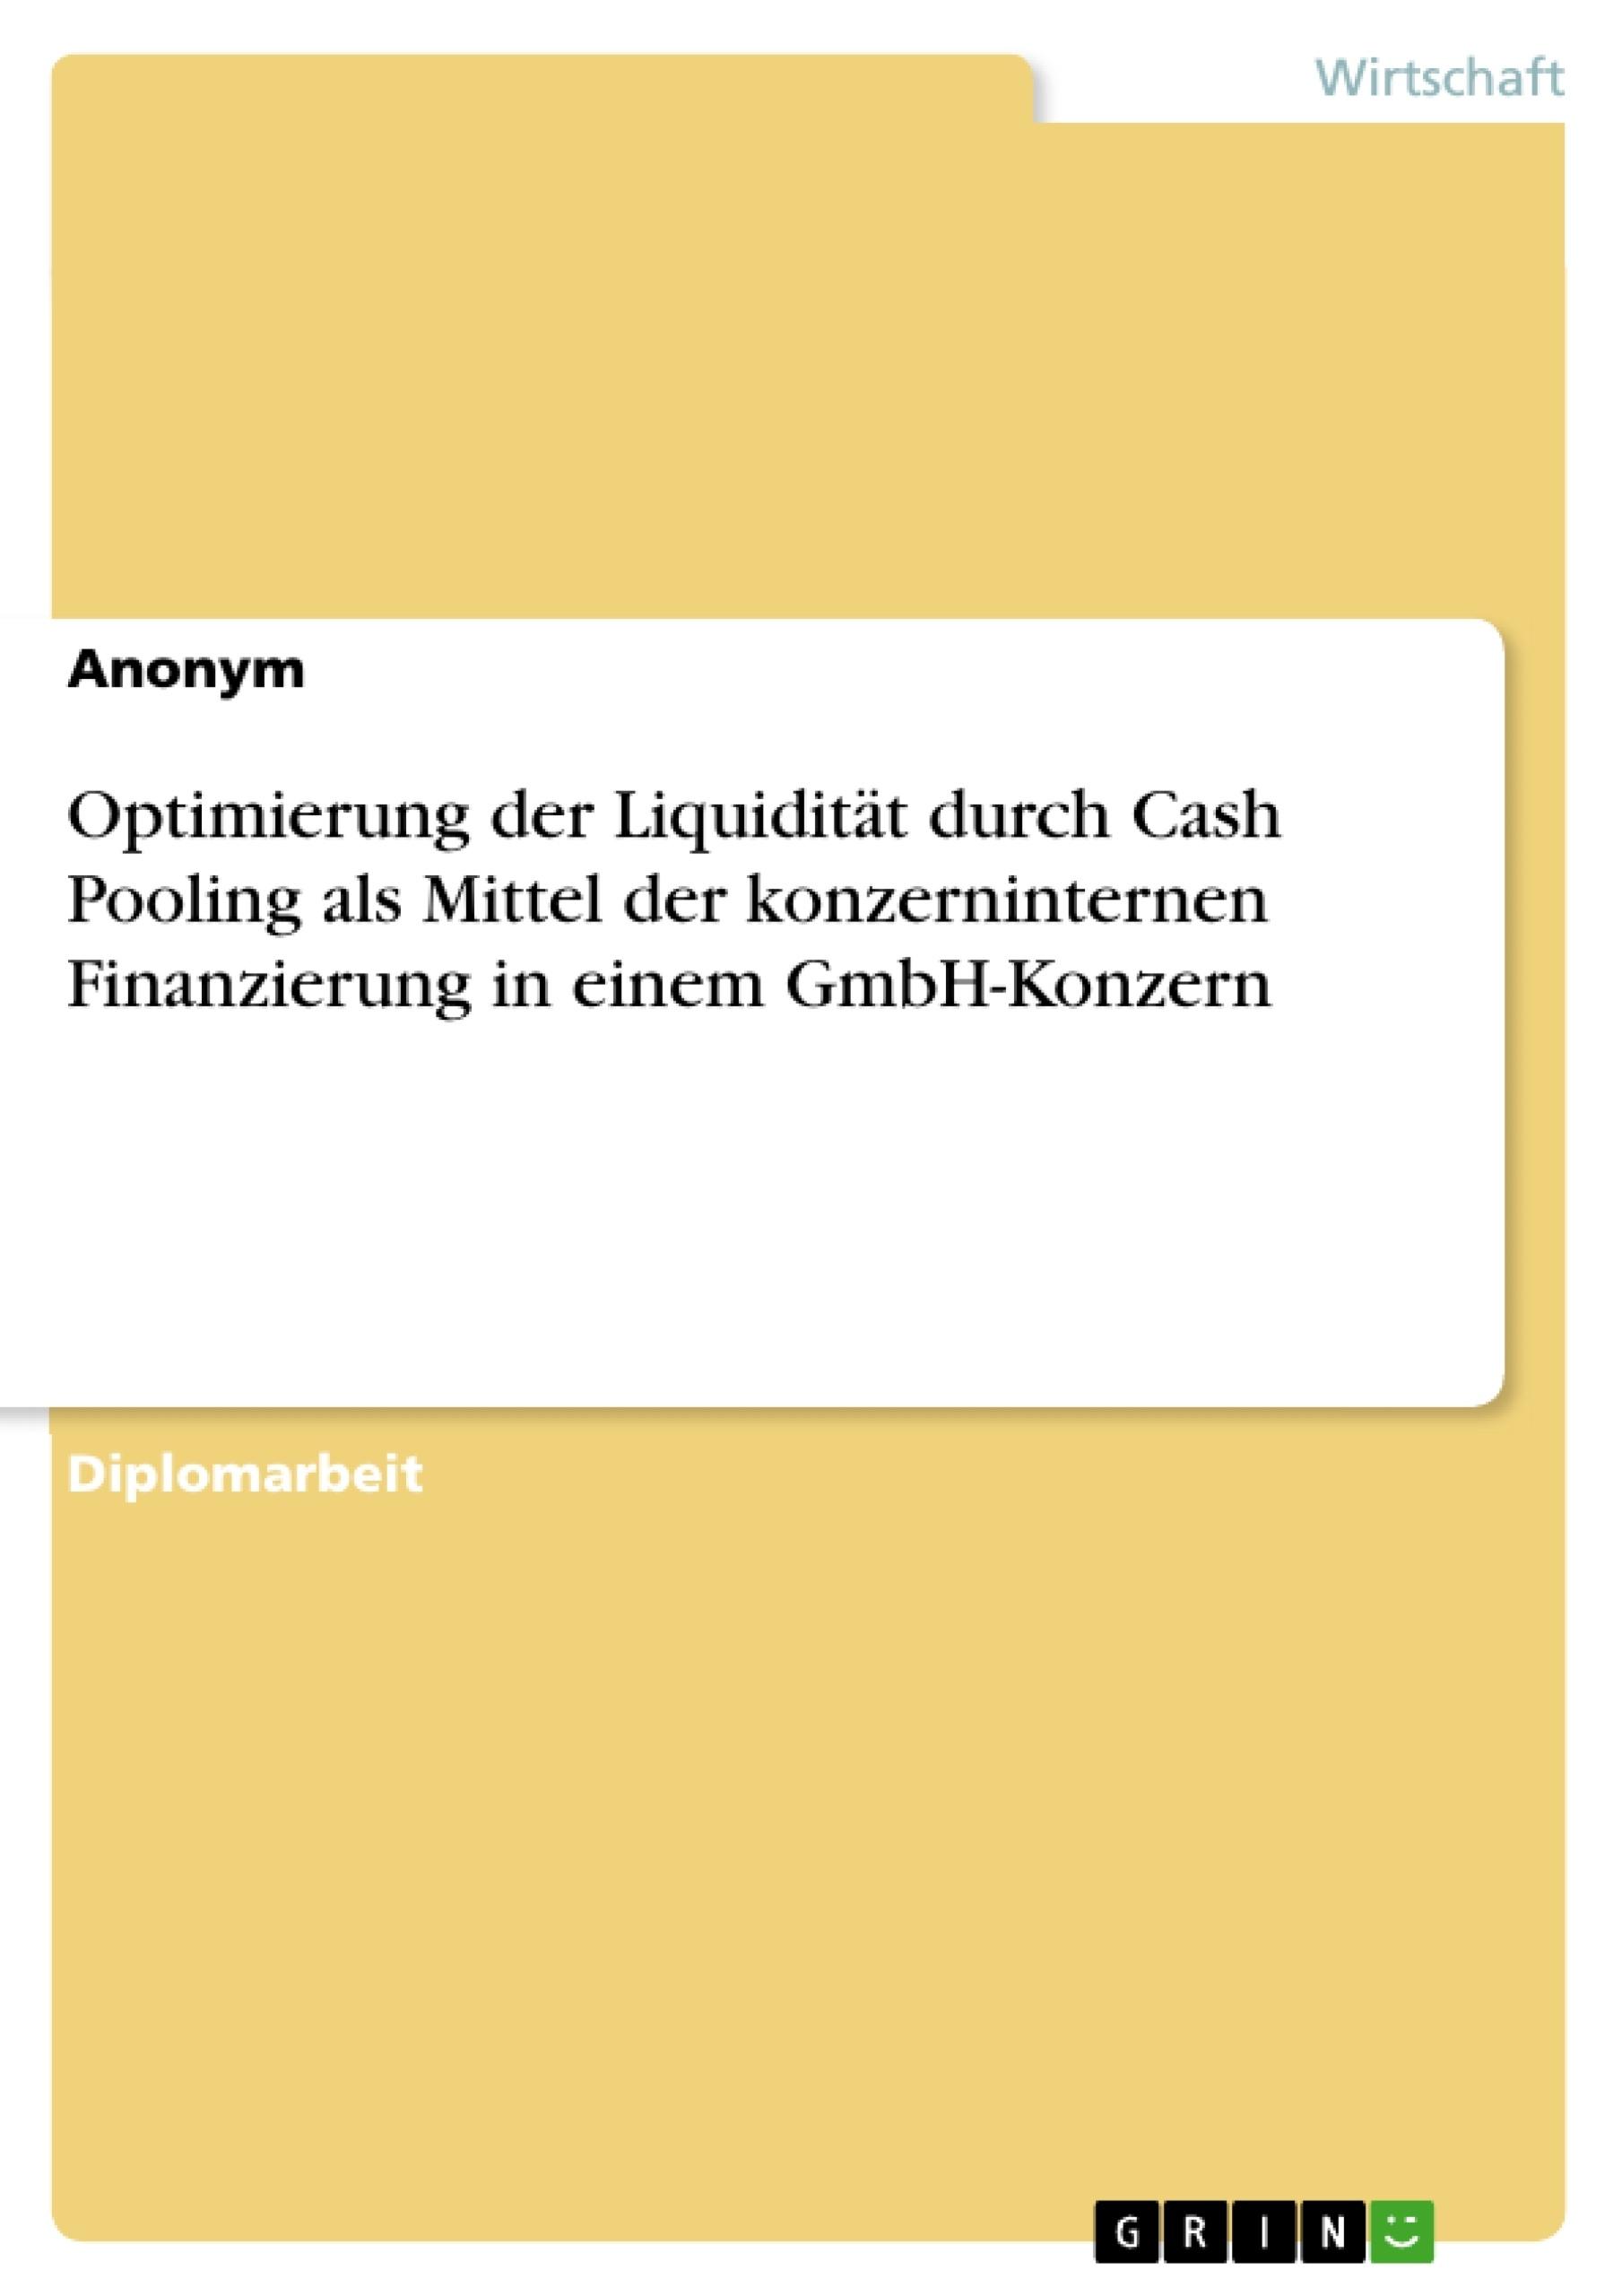 Titel: Optimierung der Liquidität durch Cash Pooling als Mittel der konzerninternen Finanzierung in einem GmbH-Konzern